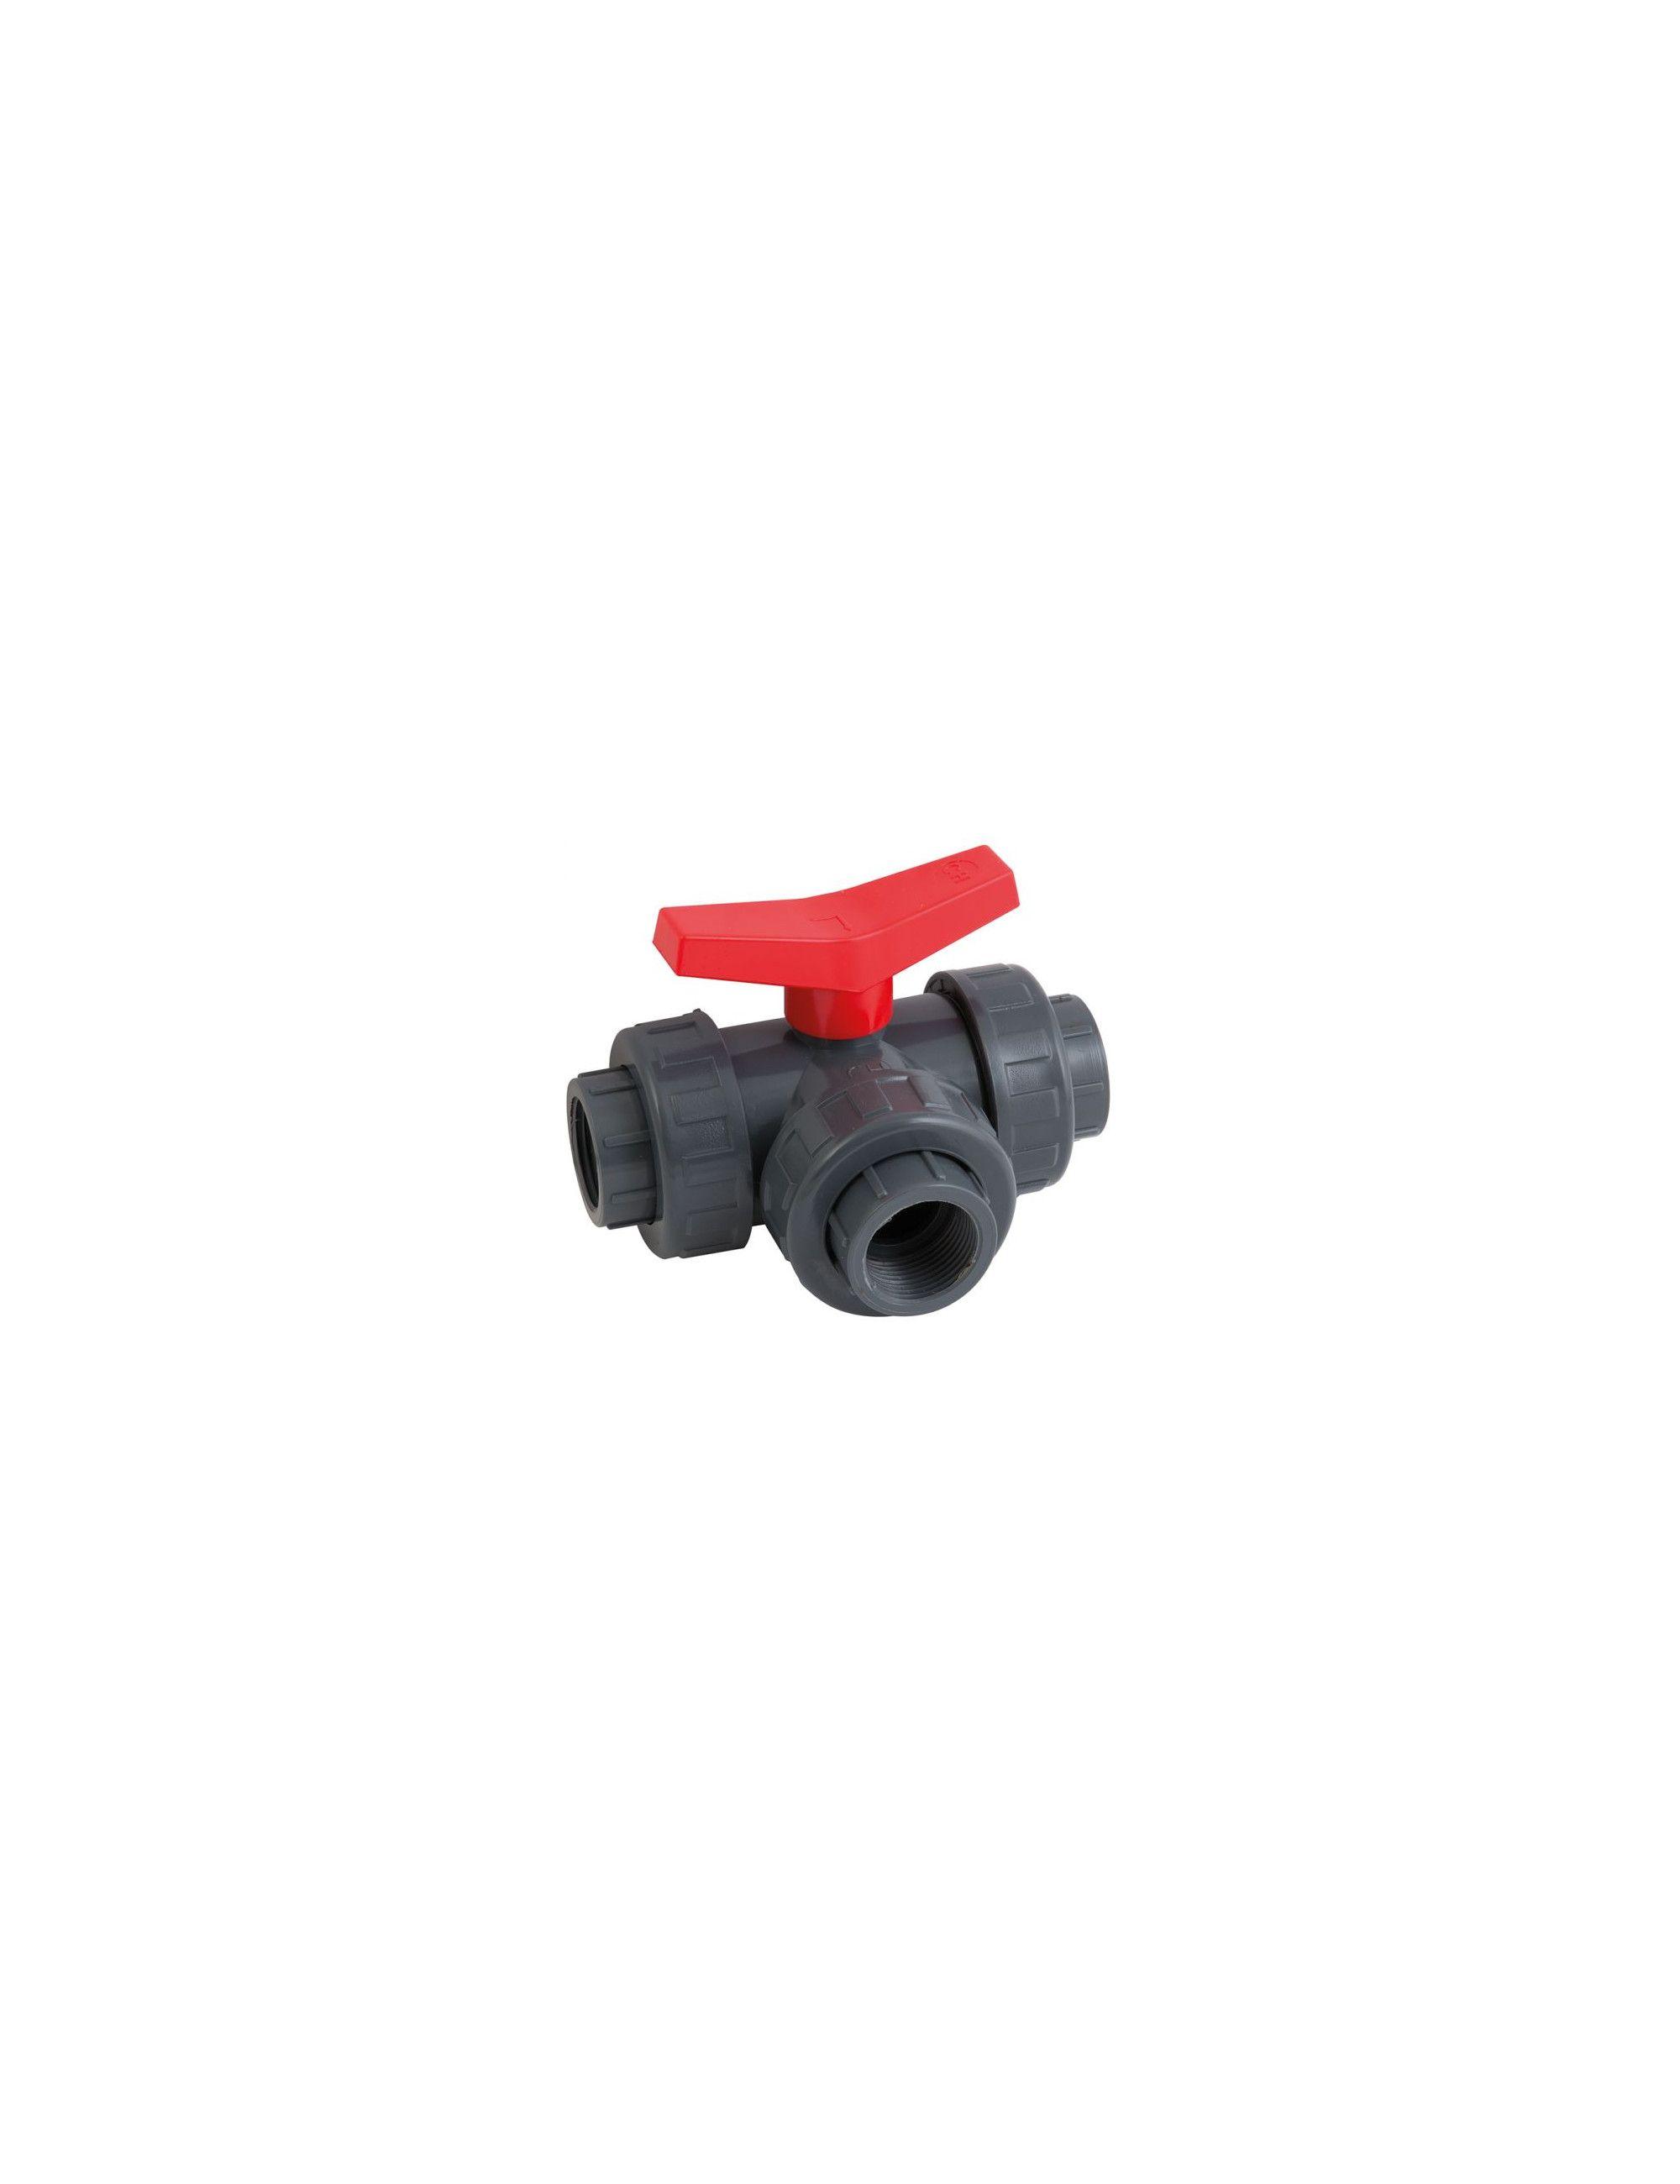 AQUA MEDIC - Robinet trois voies - Diamètre 16 mm